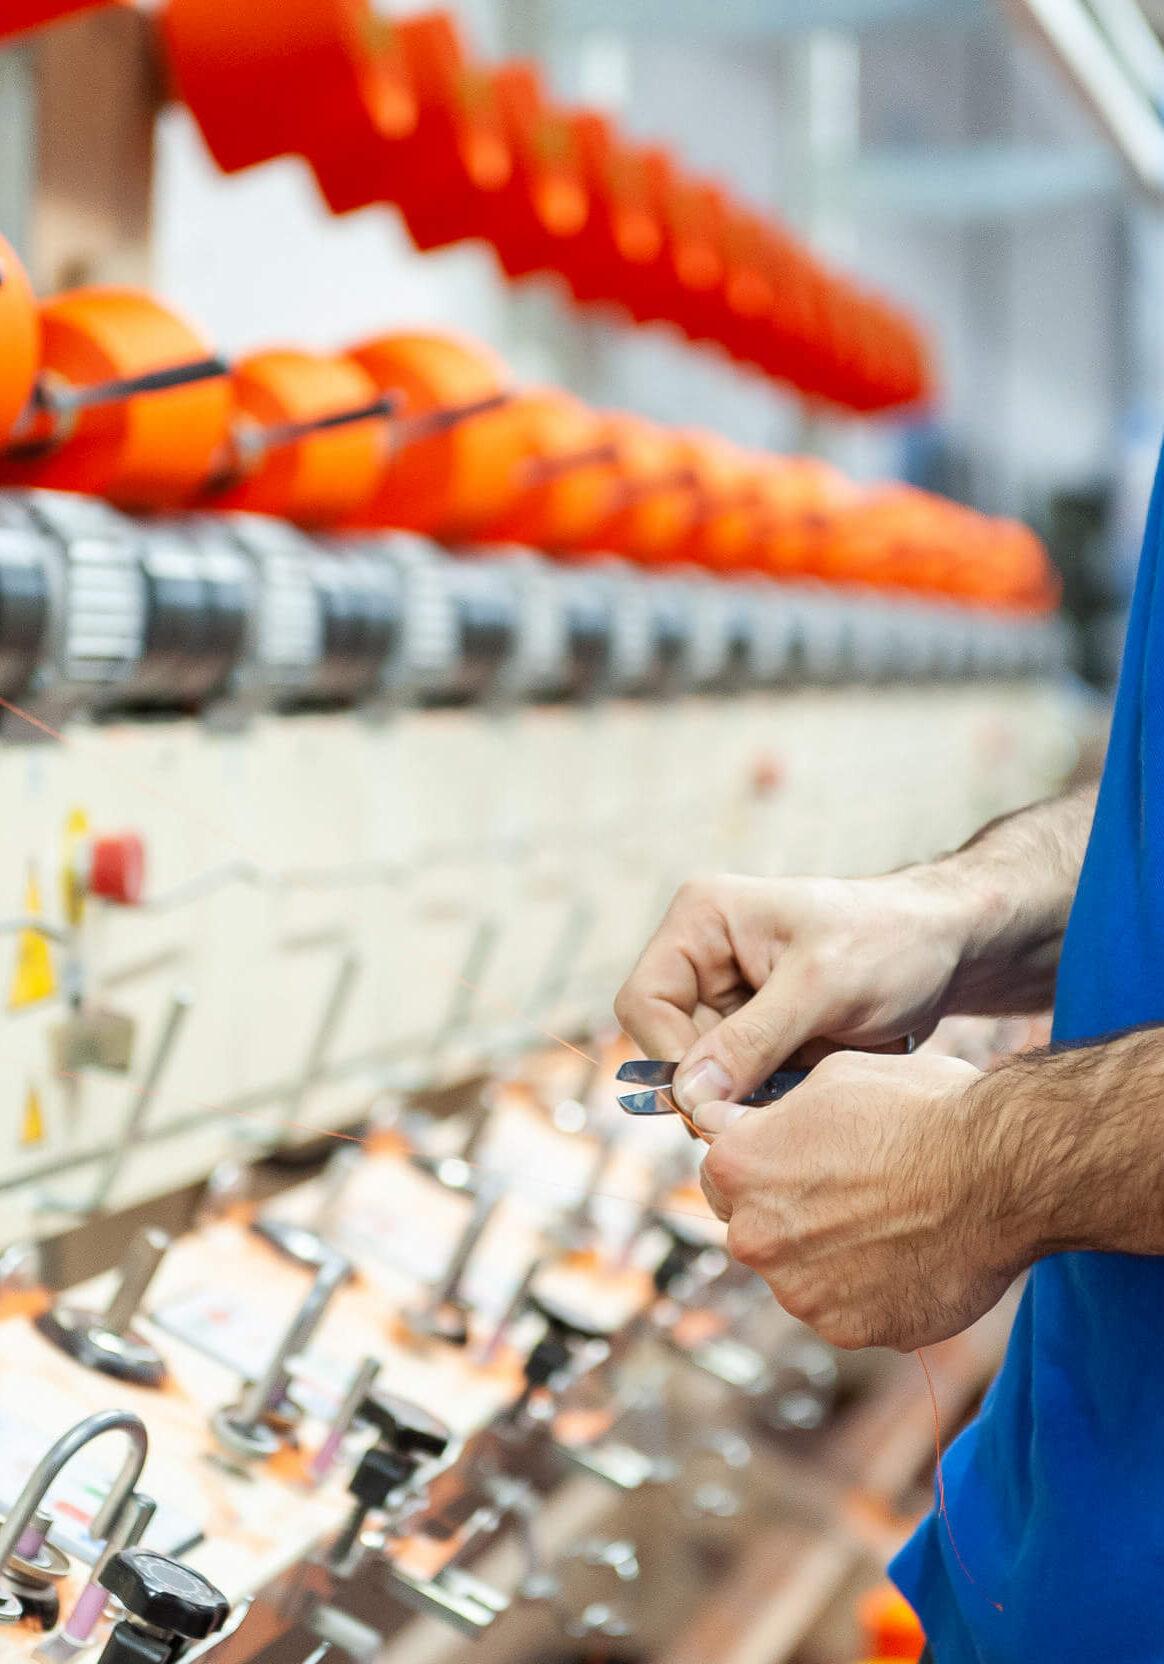 manifatture-tessili-vittoria-002